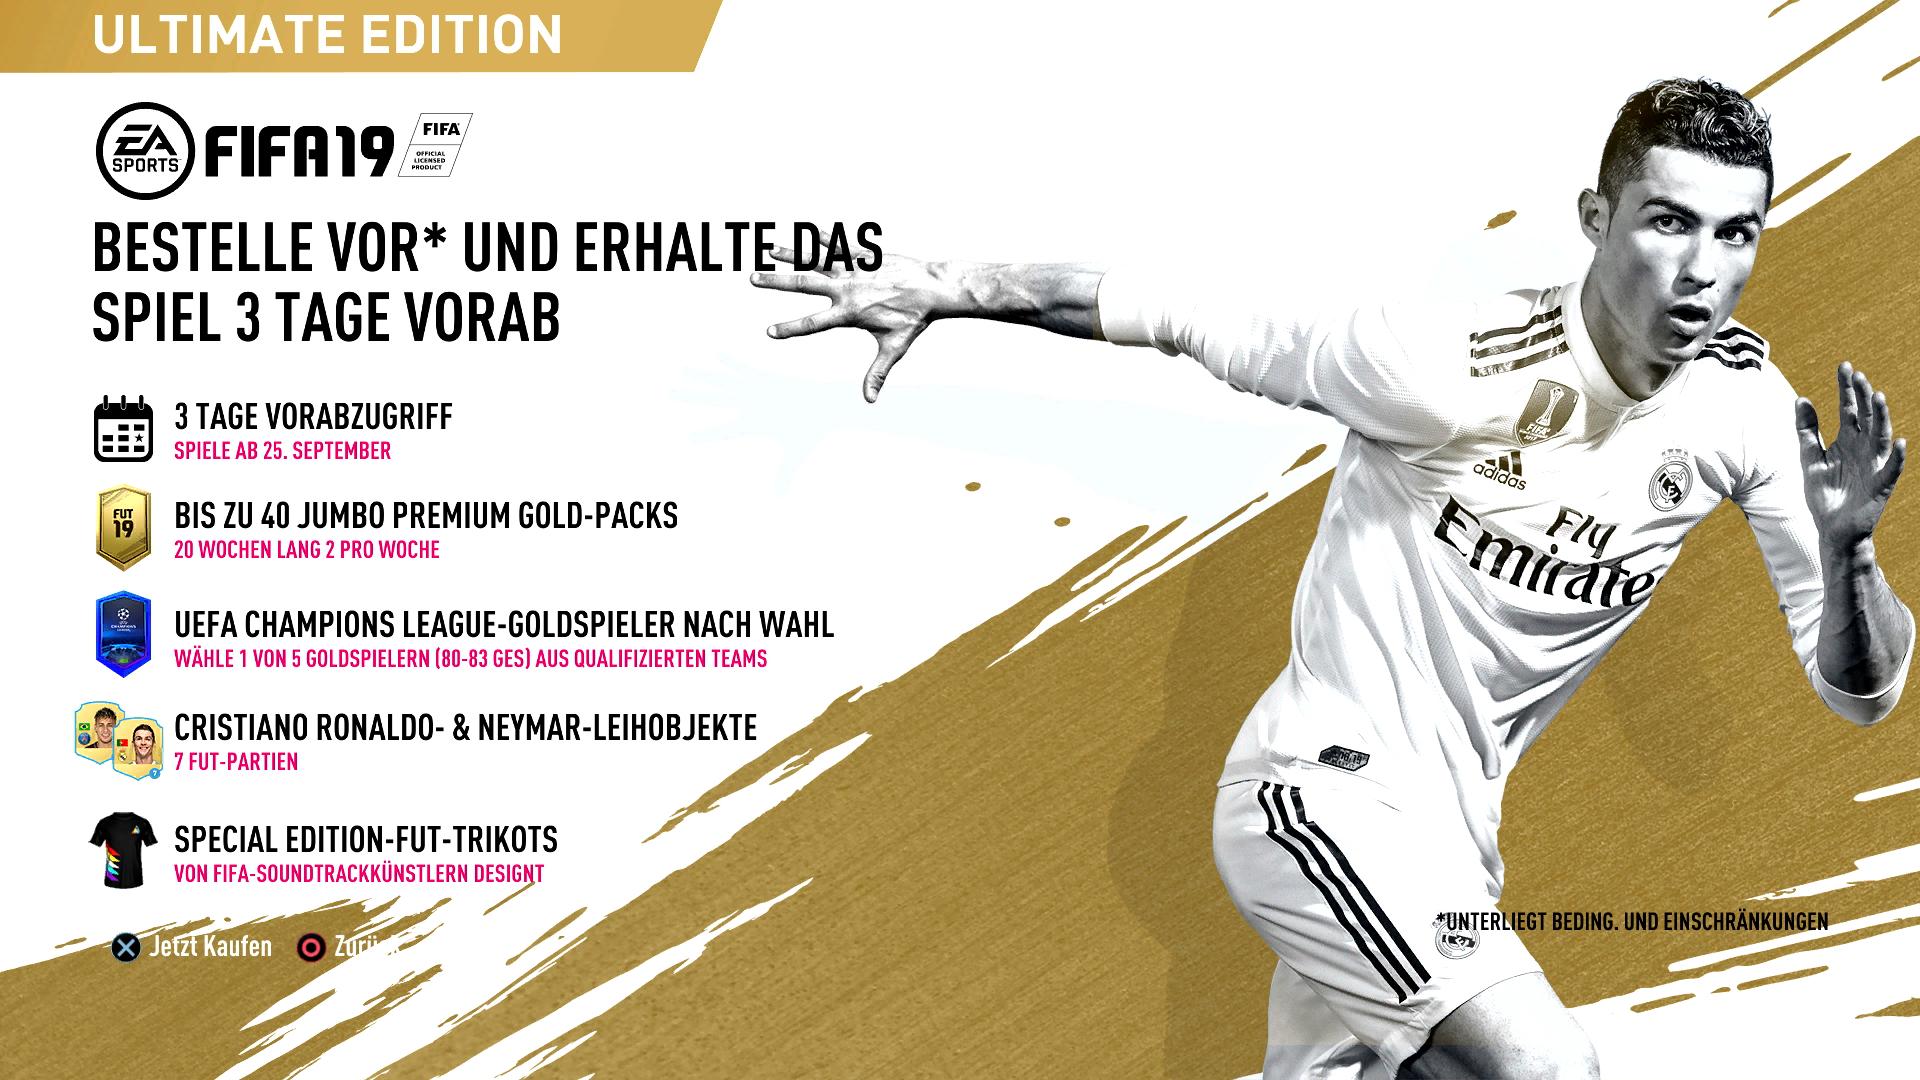 FIFA 19 ULTIMATE EDITION PS4 für 74,47€ inkl. Gebühren